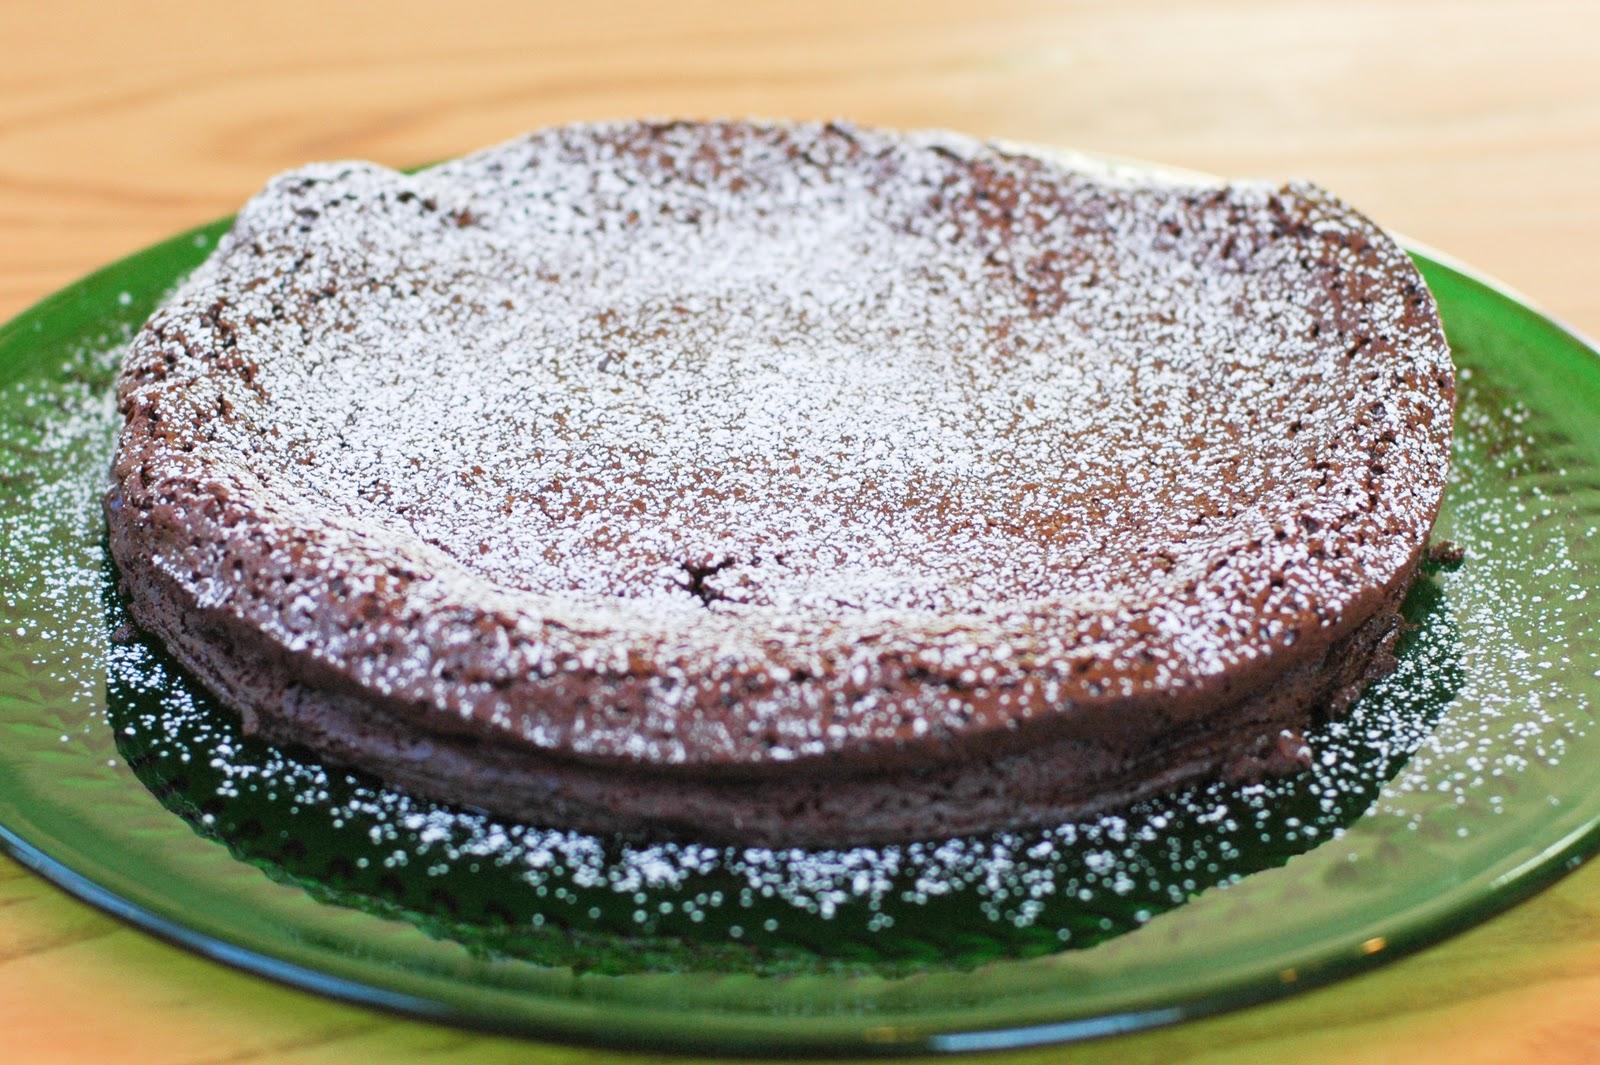 Cake Recipes Destiny 2: My Imprecise Life: Easy, Impressive (and Gluten Free